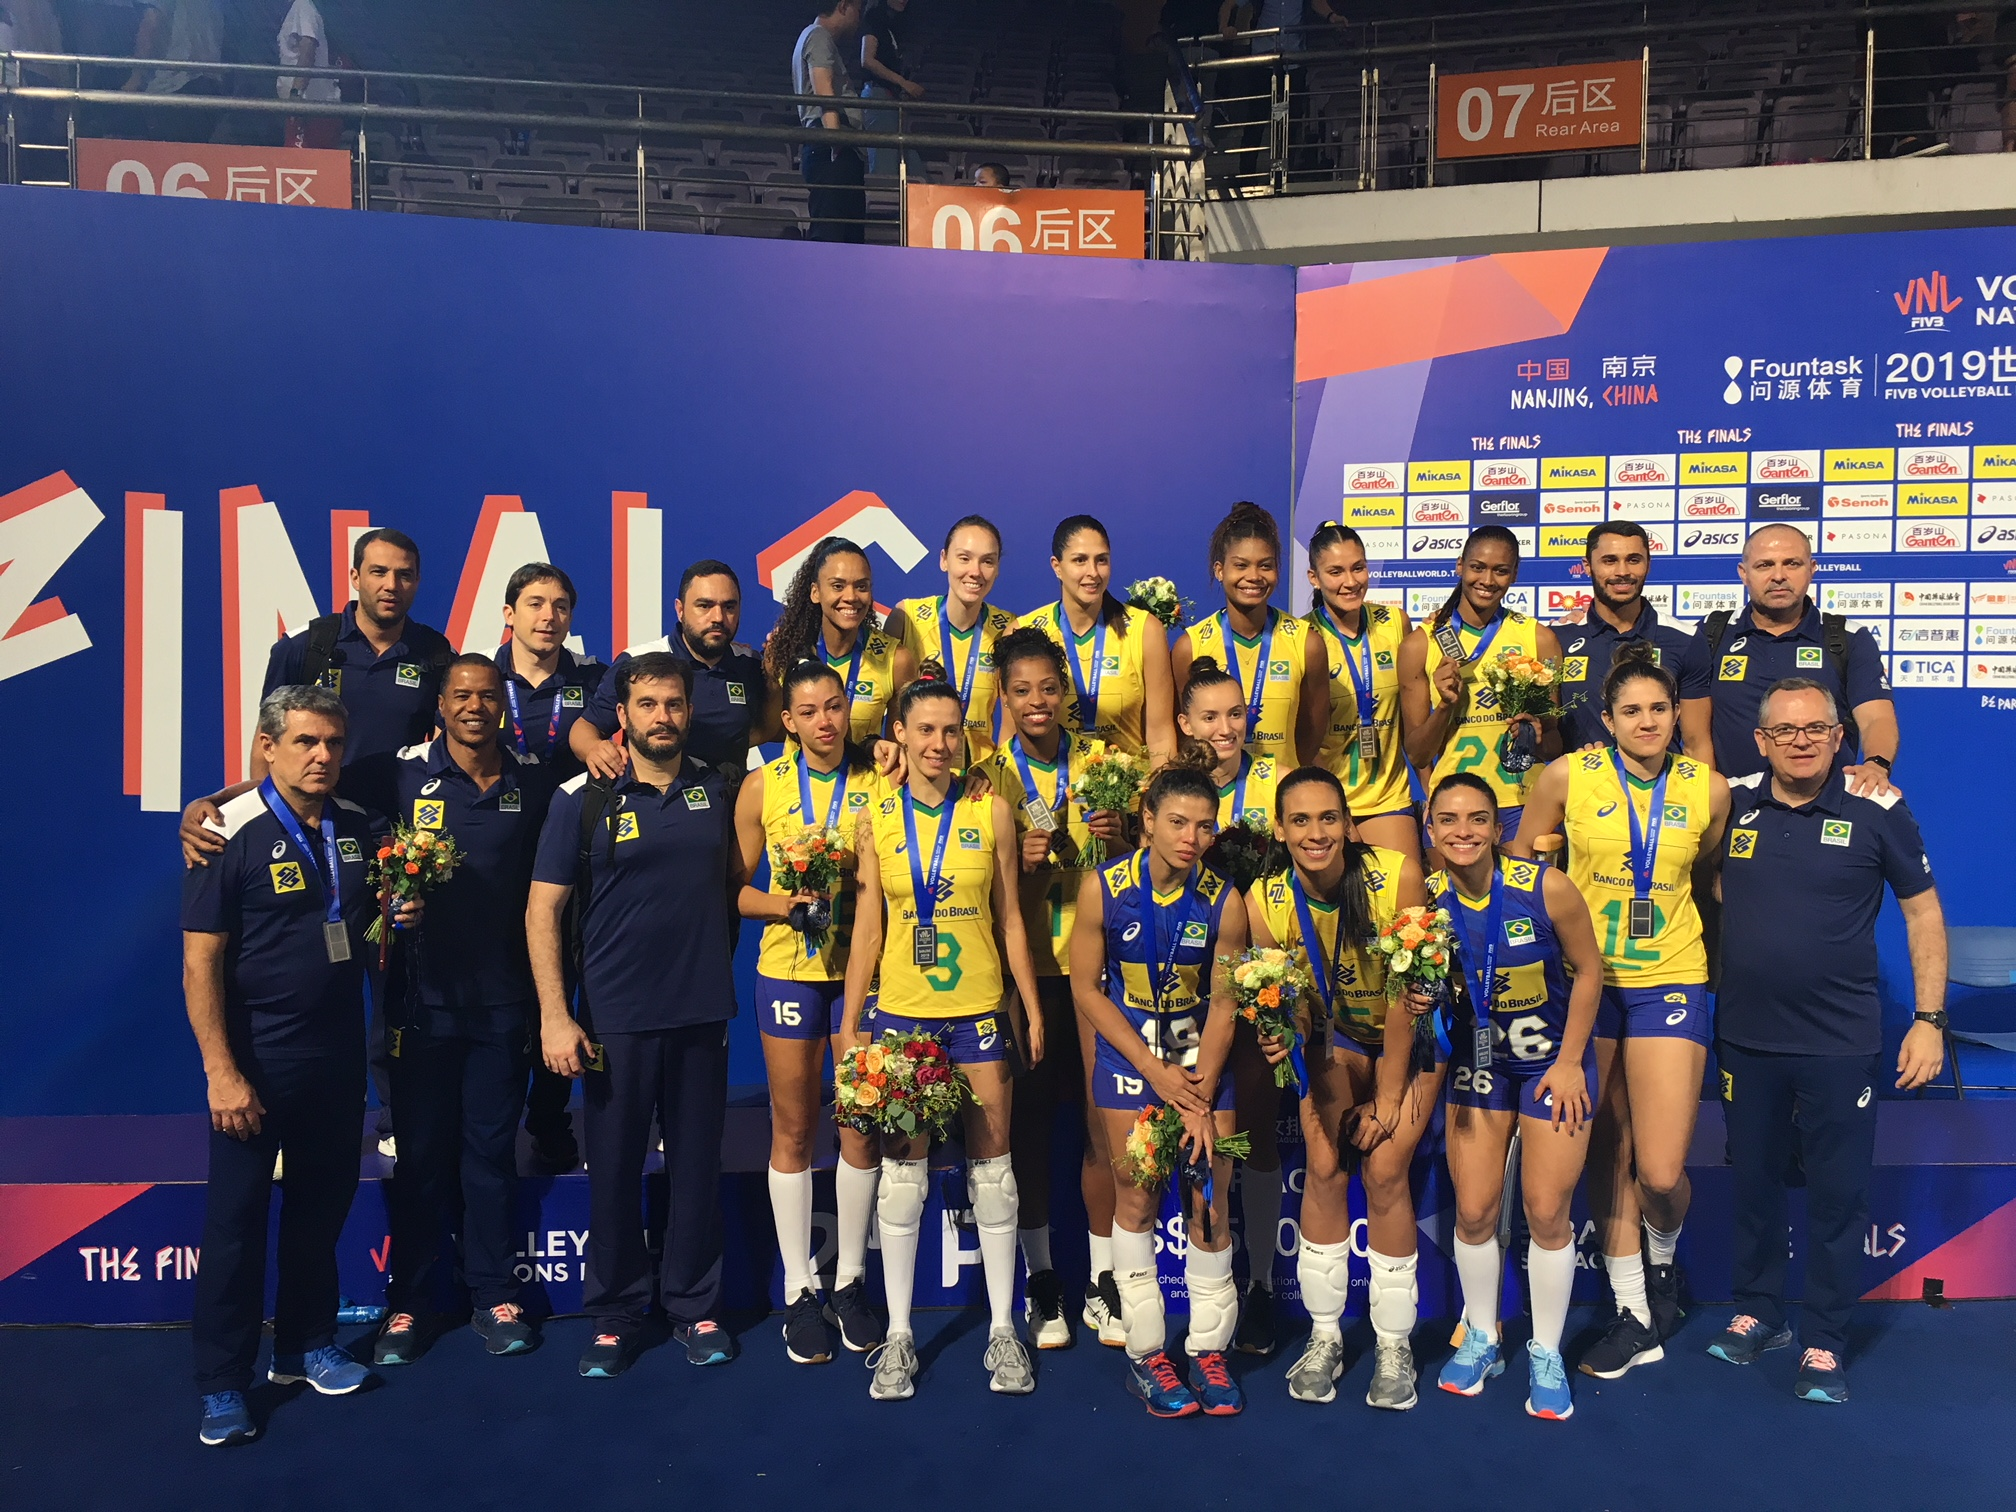 Brasil fica com a medalha de prata